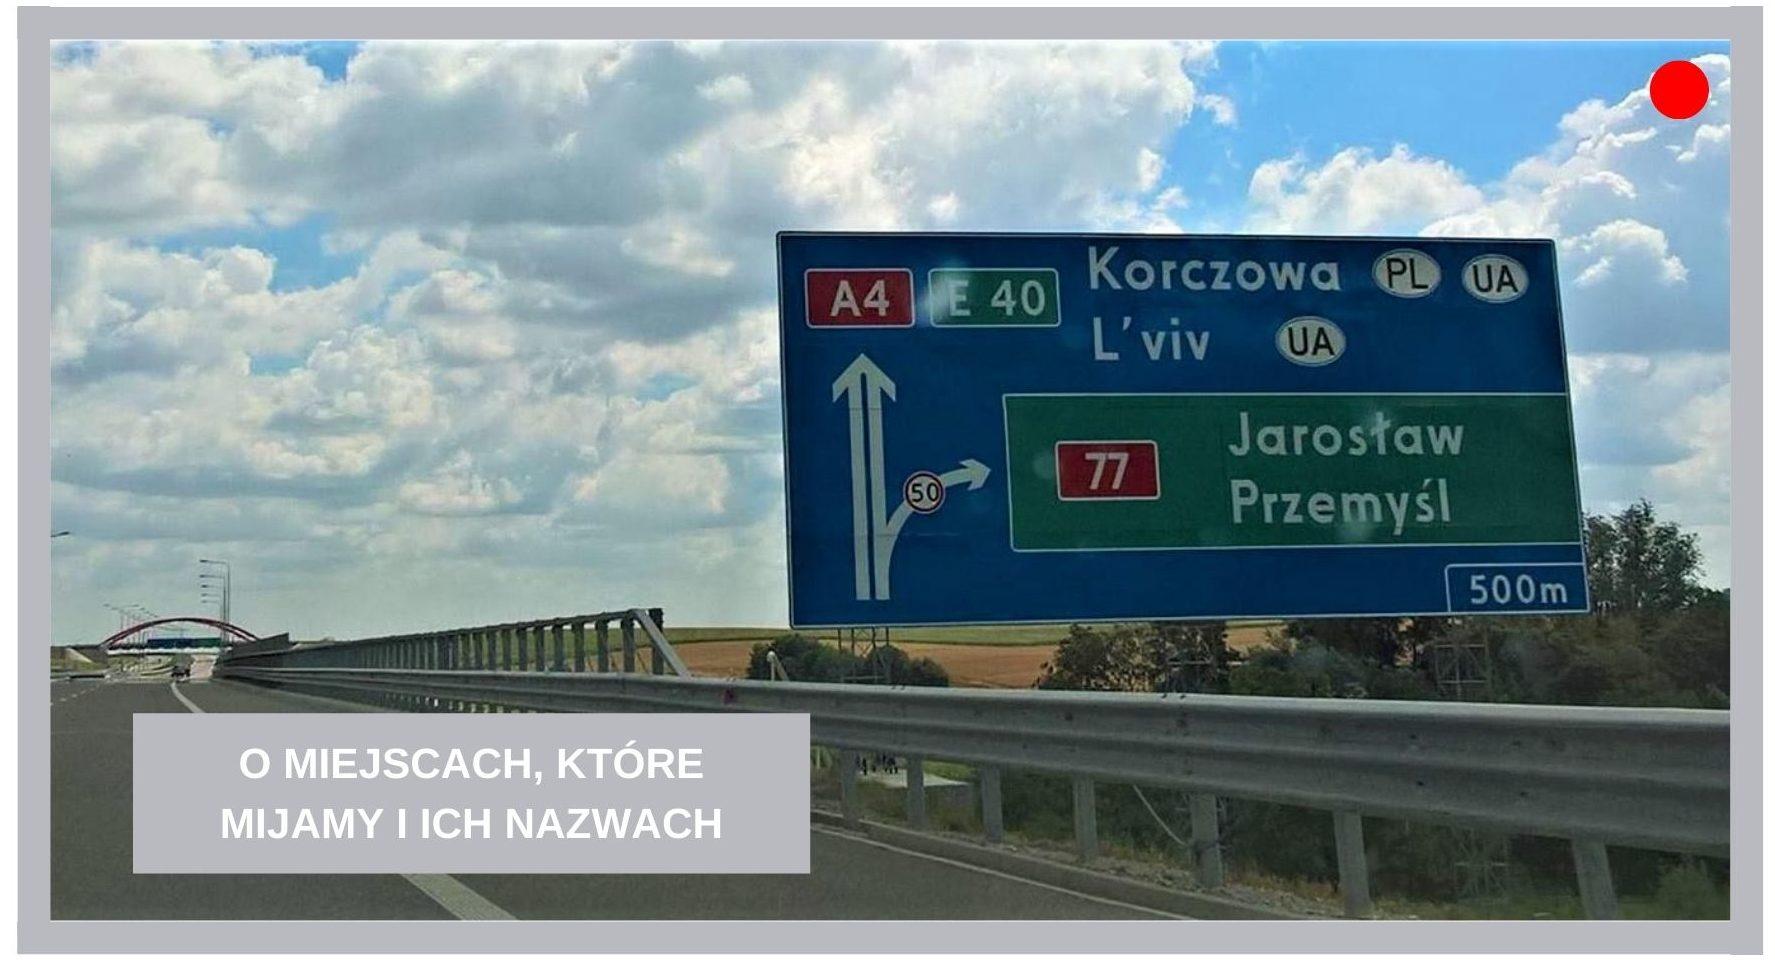 Agnieszka Jasińska - O miejscach, które mijamy i ich nazwach